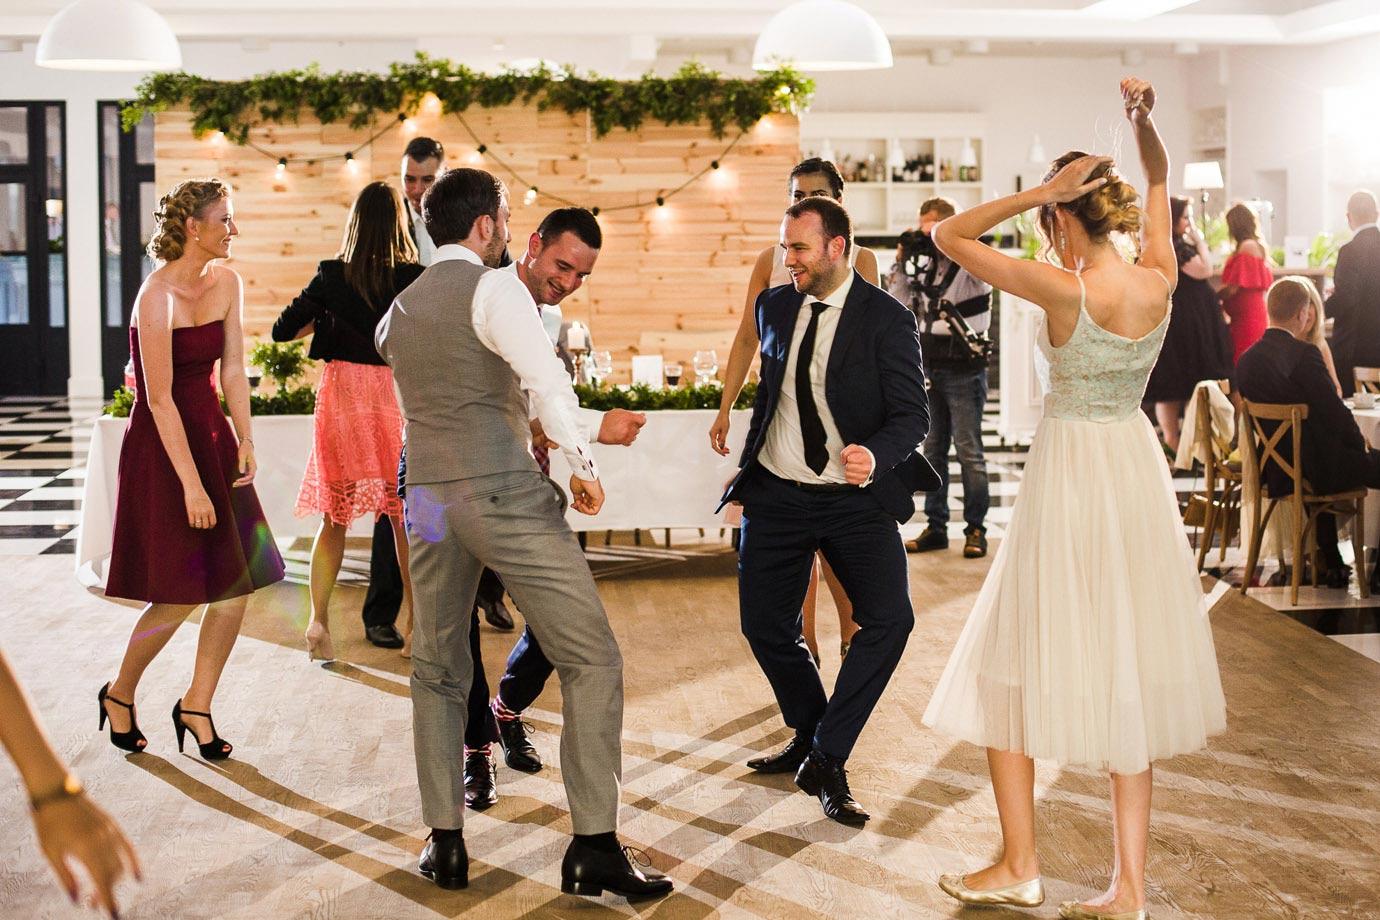 dobra zabawa na ślubie